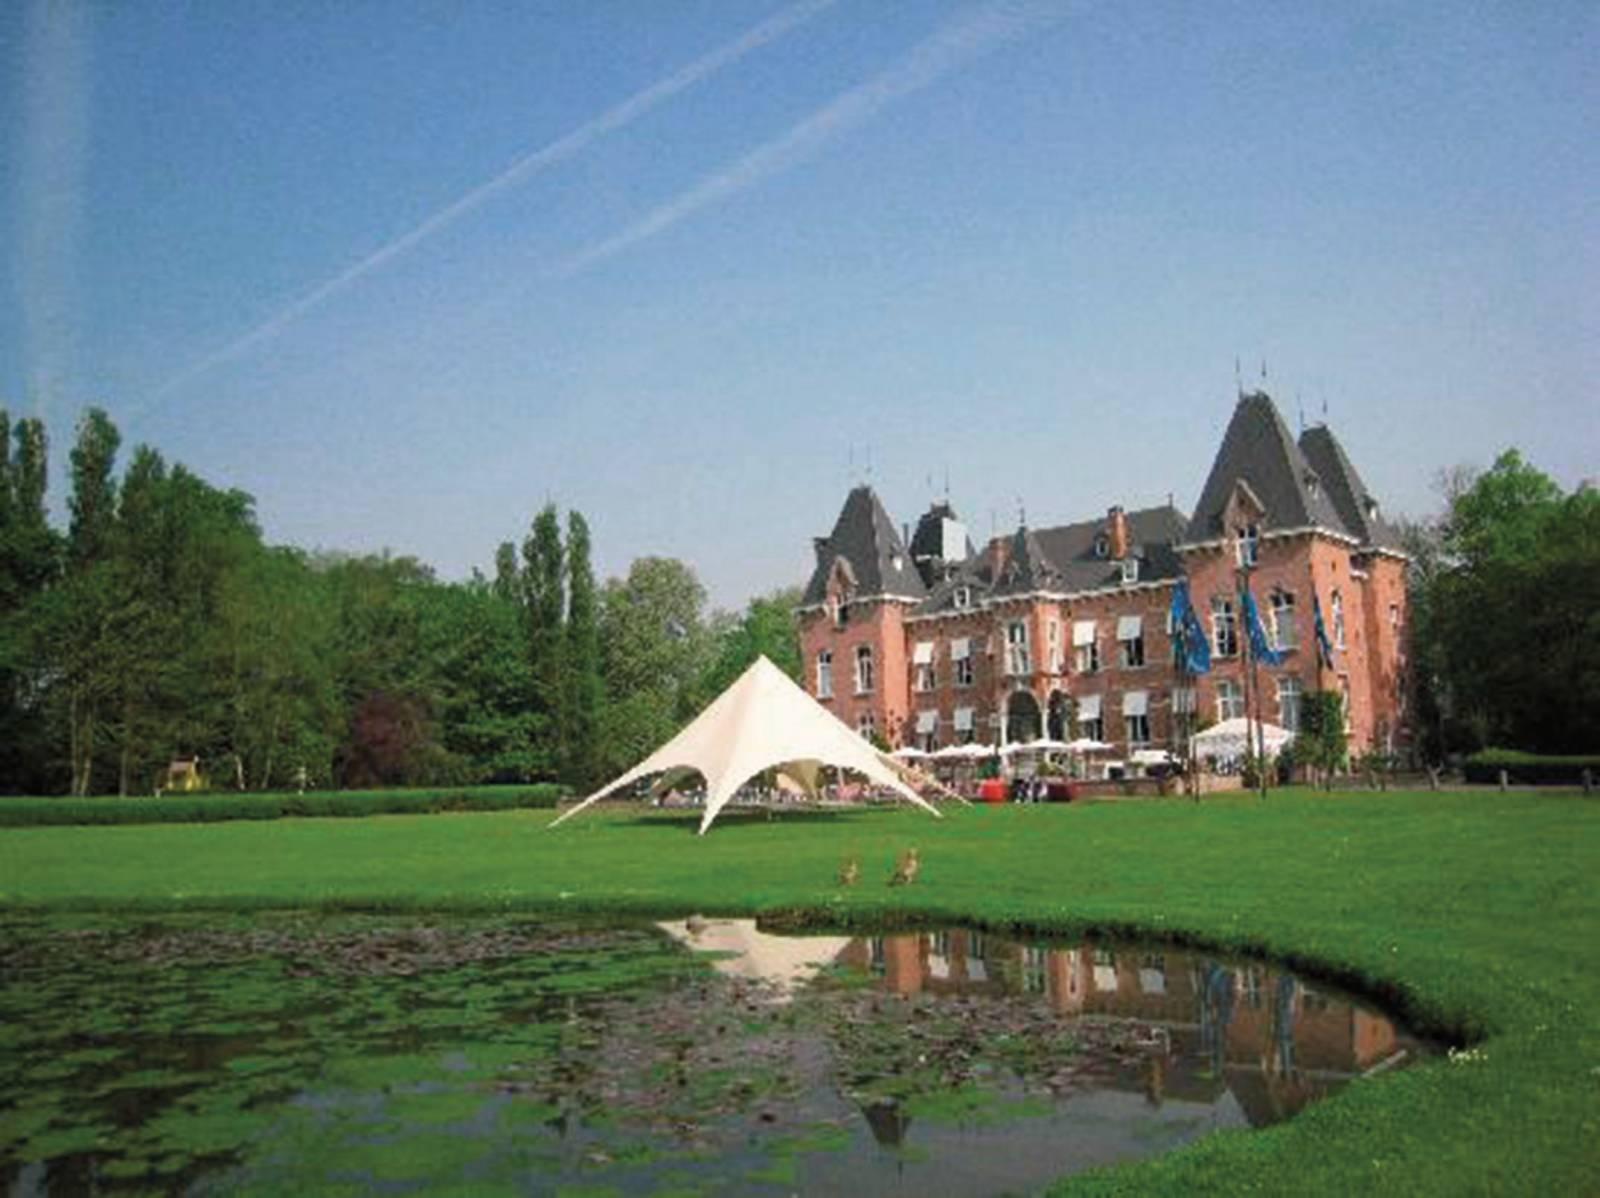 Kasteel Gravenhof - Feestzaal - House of Weddings  - 3